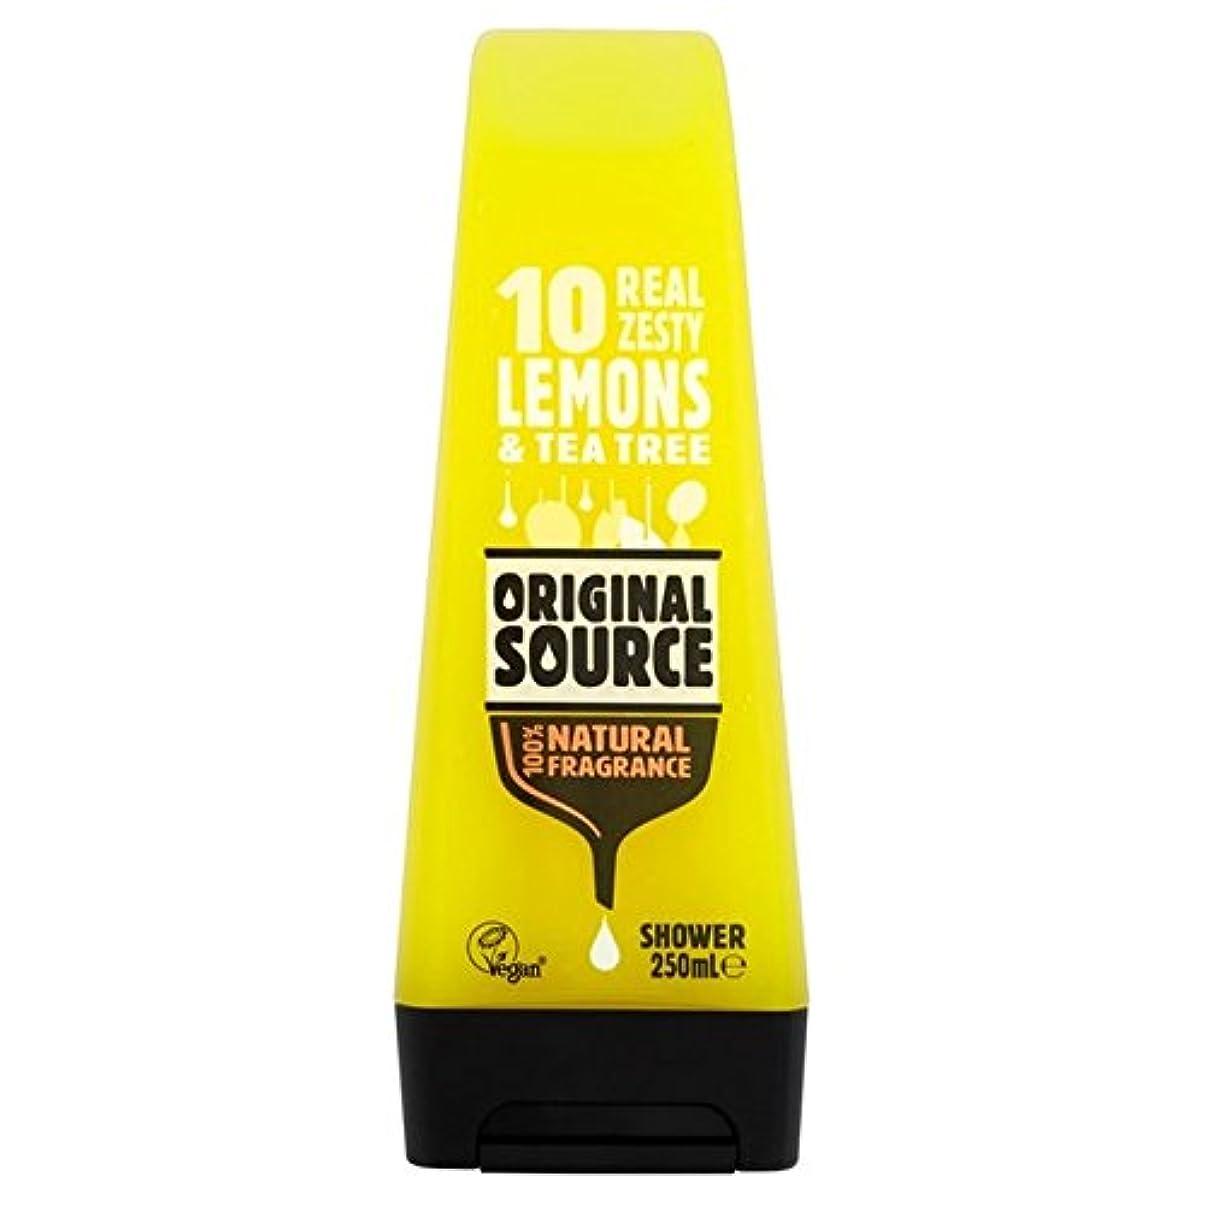 月曜日暗い最少元のソースのレモンシャワージェル250ミリリットル x4 - Original Source Lemon Shower Gel 250ml (Pack of 4) [並行輸入品]